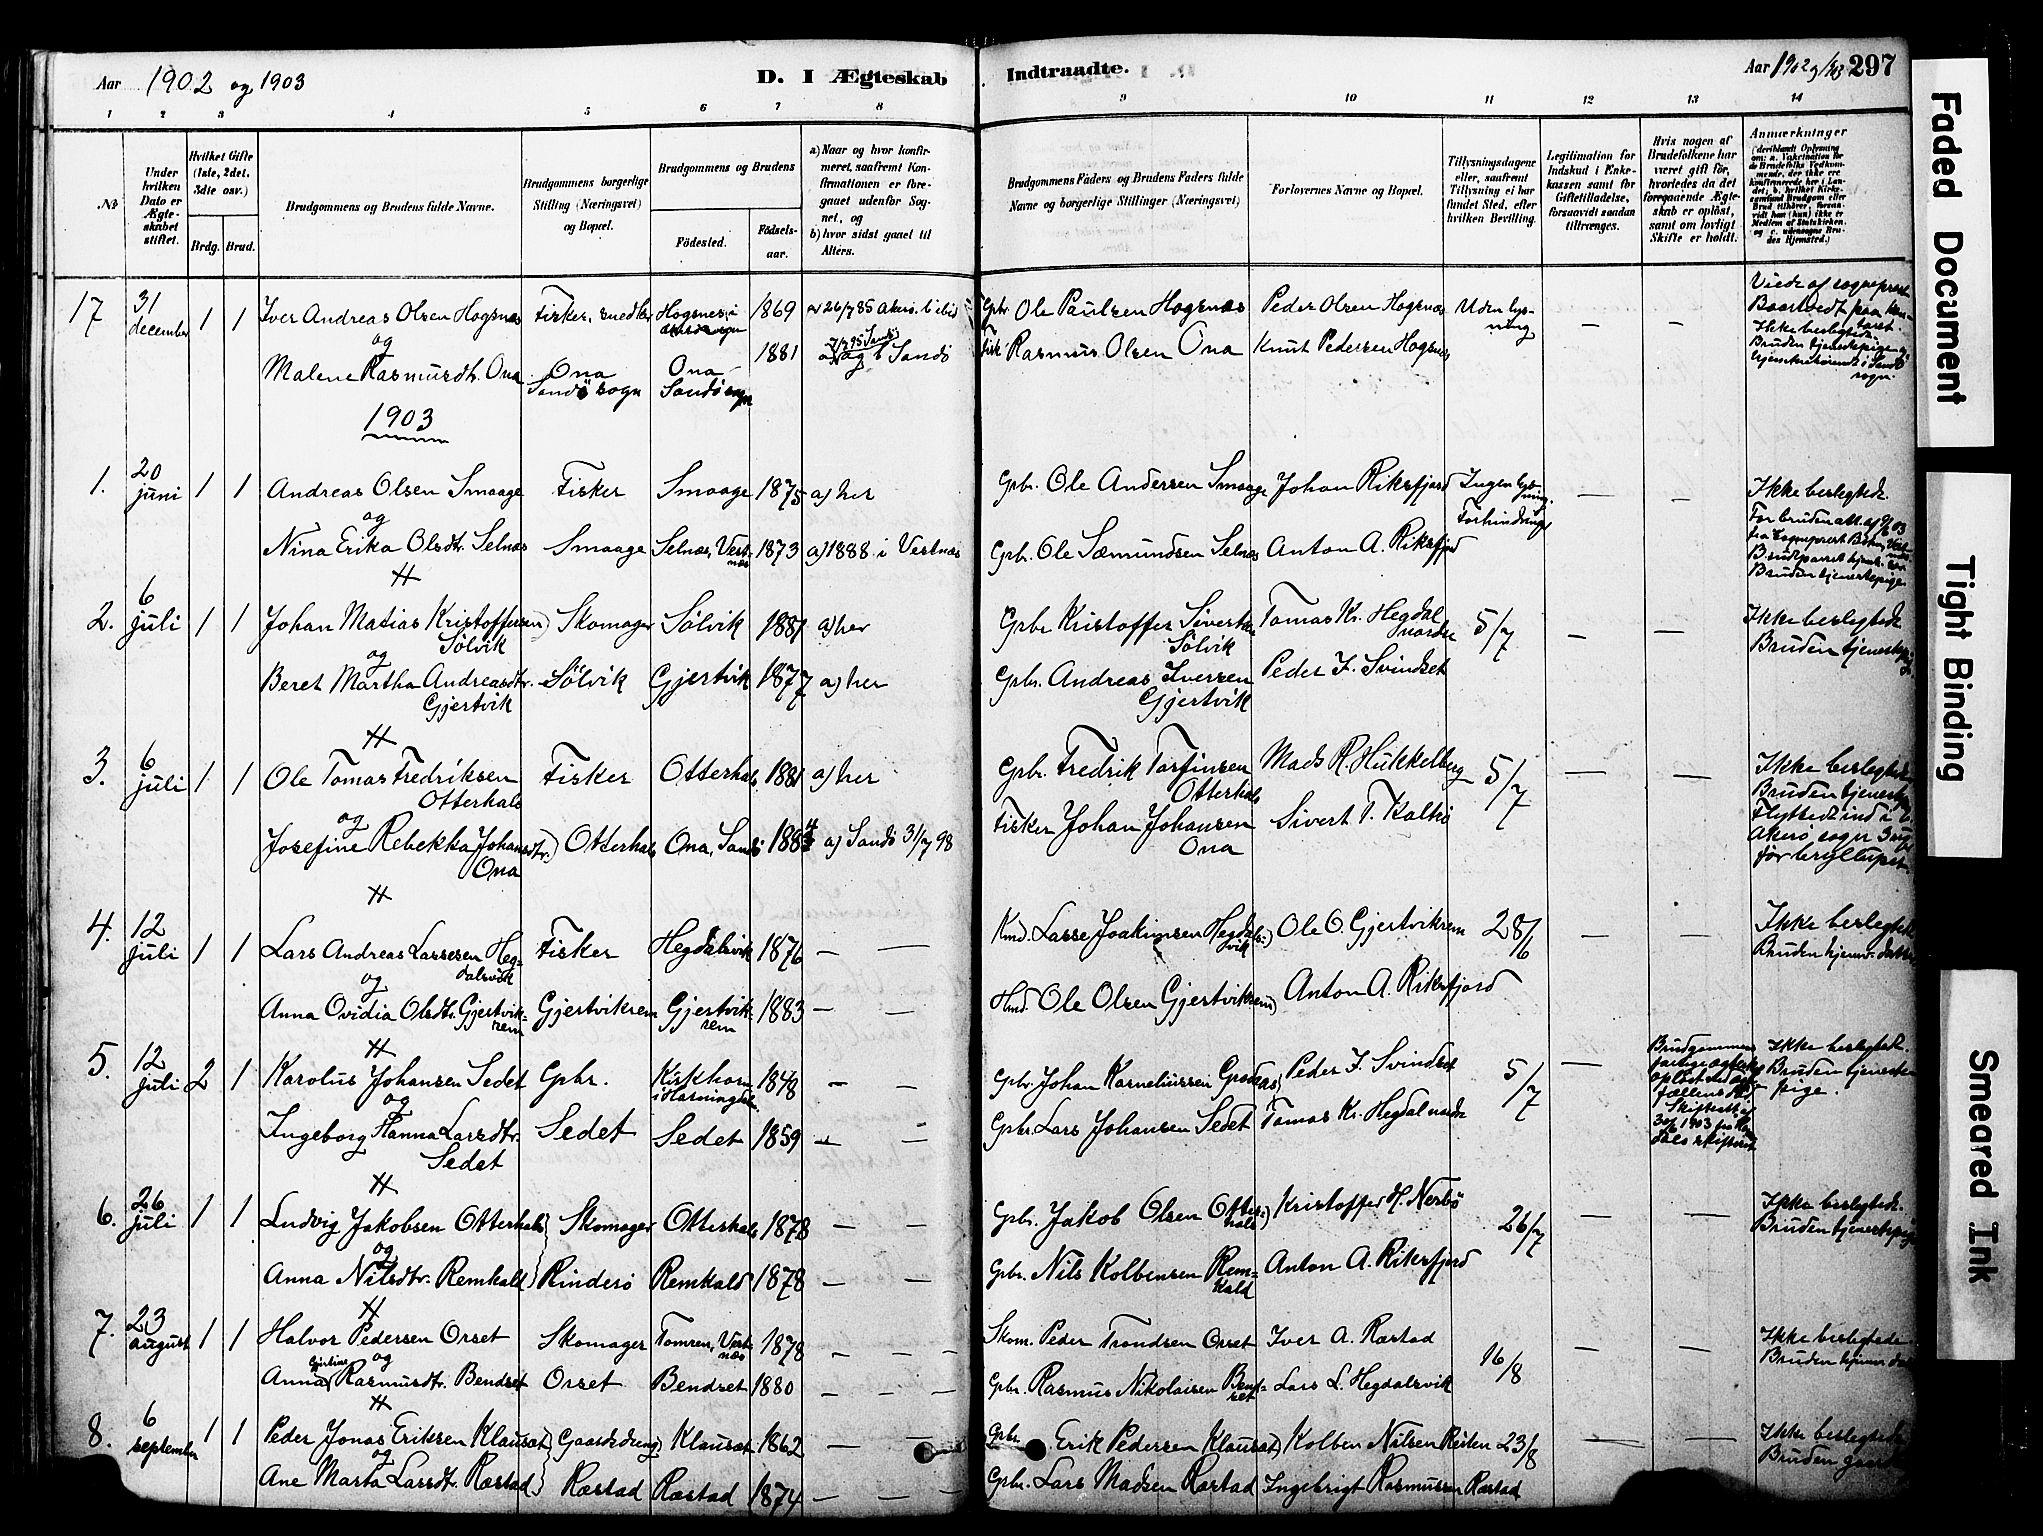 SAT, Ministerialprotokoller, klokkerbøker og fødselsregistre - Møre og Romsdal, 560/L0721: Ministerialbok nr. 560A05, 1878-1917, s. 297